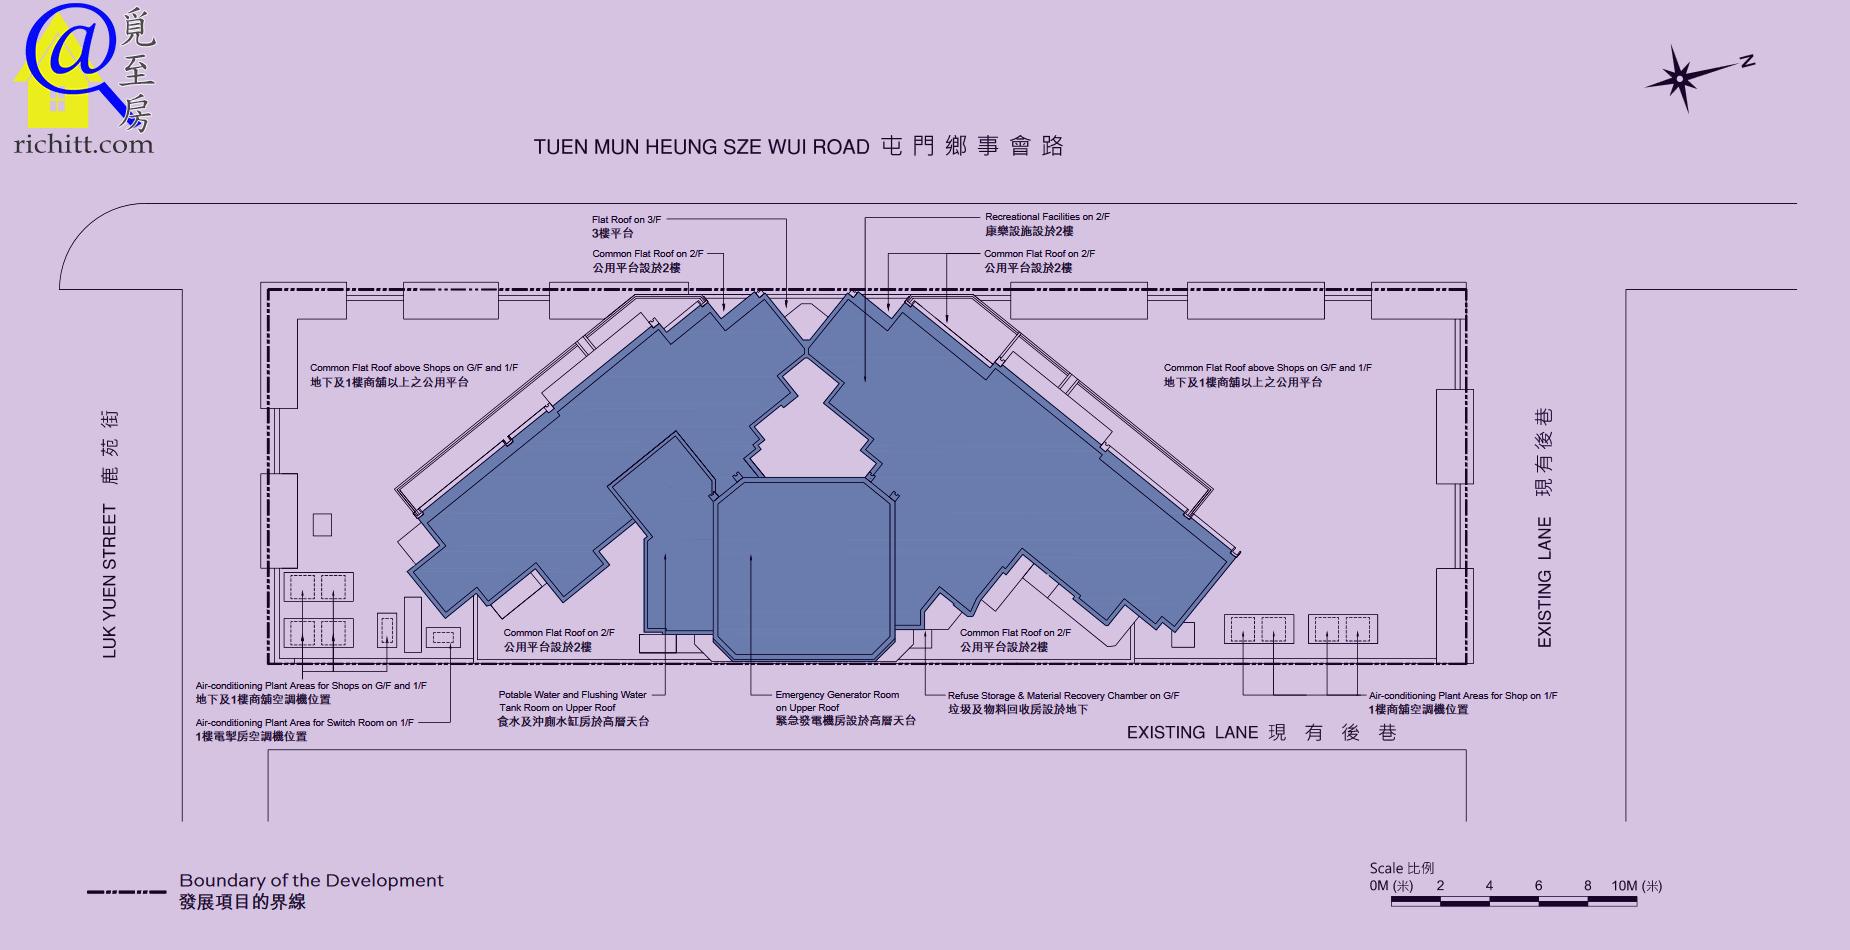 天生樓佈局圖